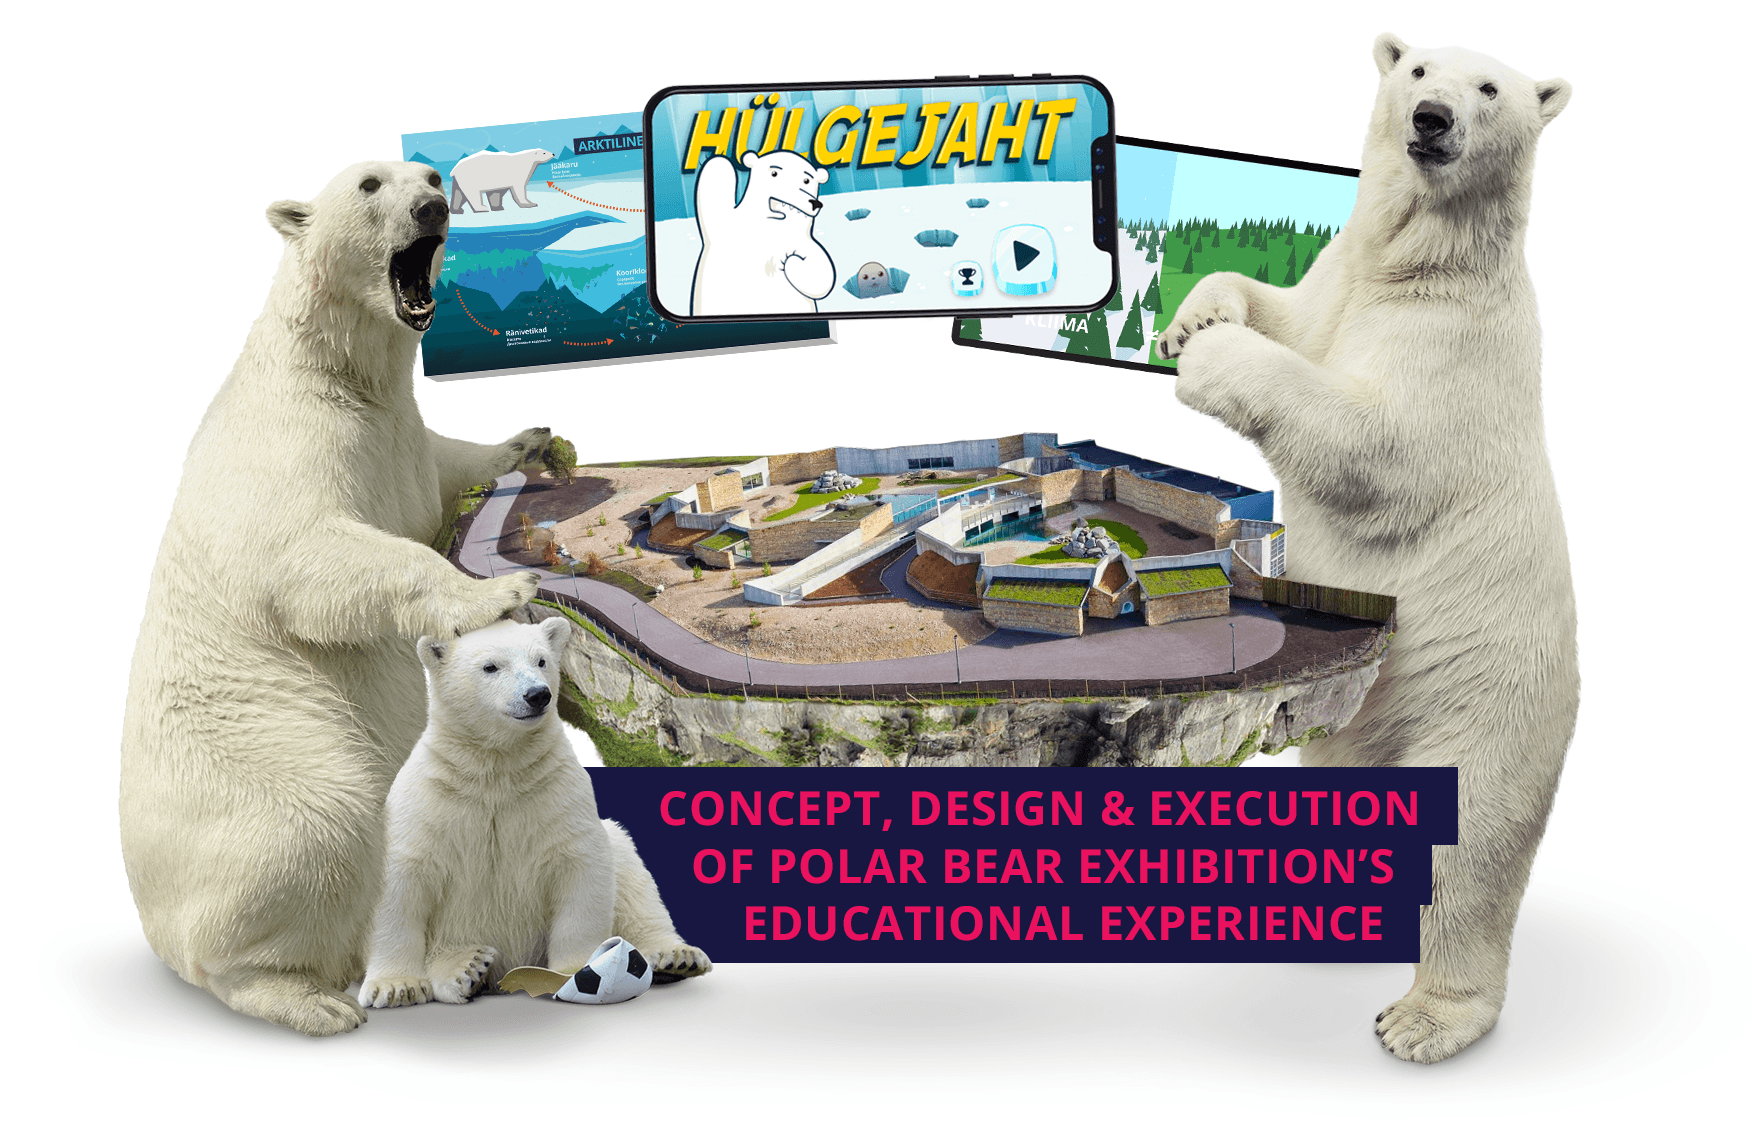 Concept, Design & Execution of Polar Bear Exhibition's Educational Experience